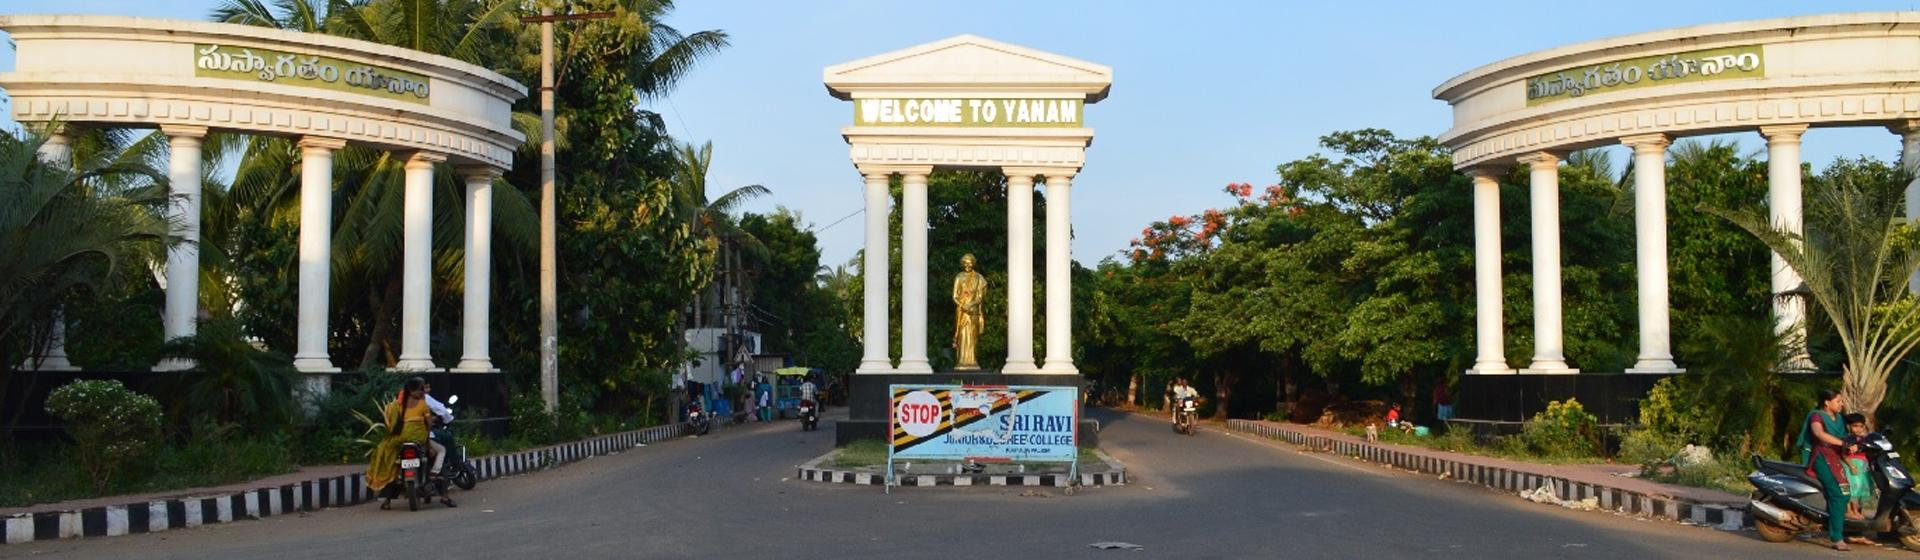 Yanam Entrance Image